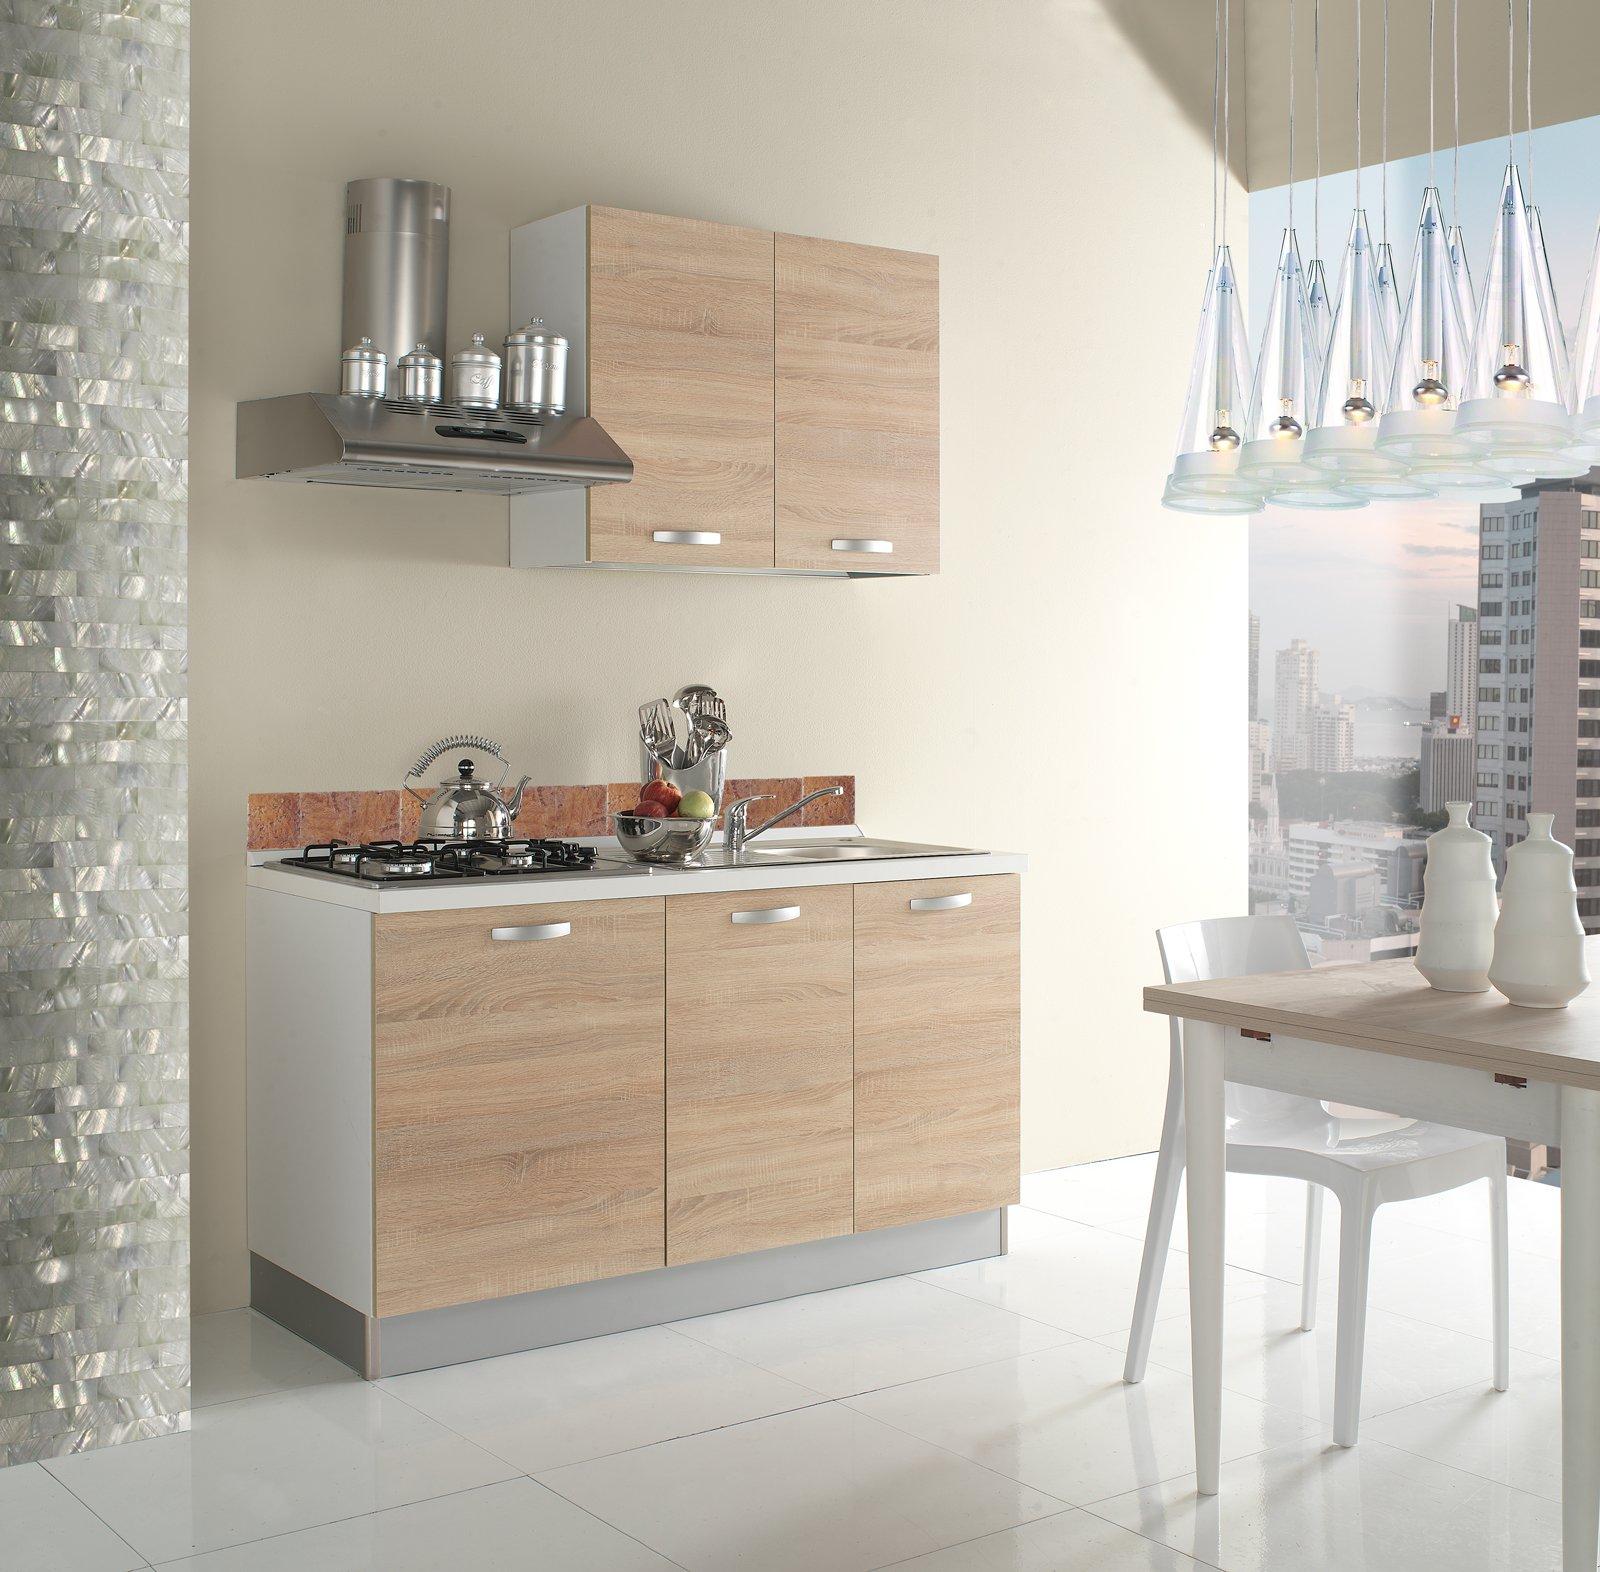 Mini cucina jolly salvaspazio dalle funzioni dichiarate o - Cucine per angolo cottura ...